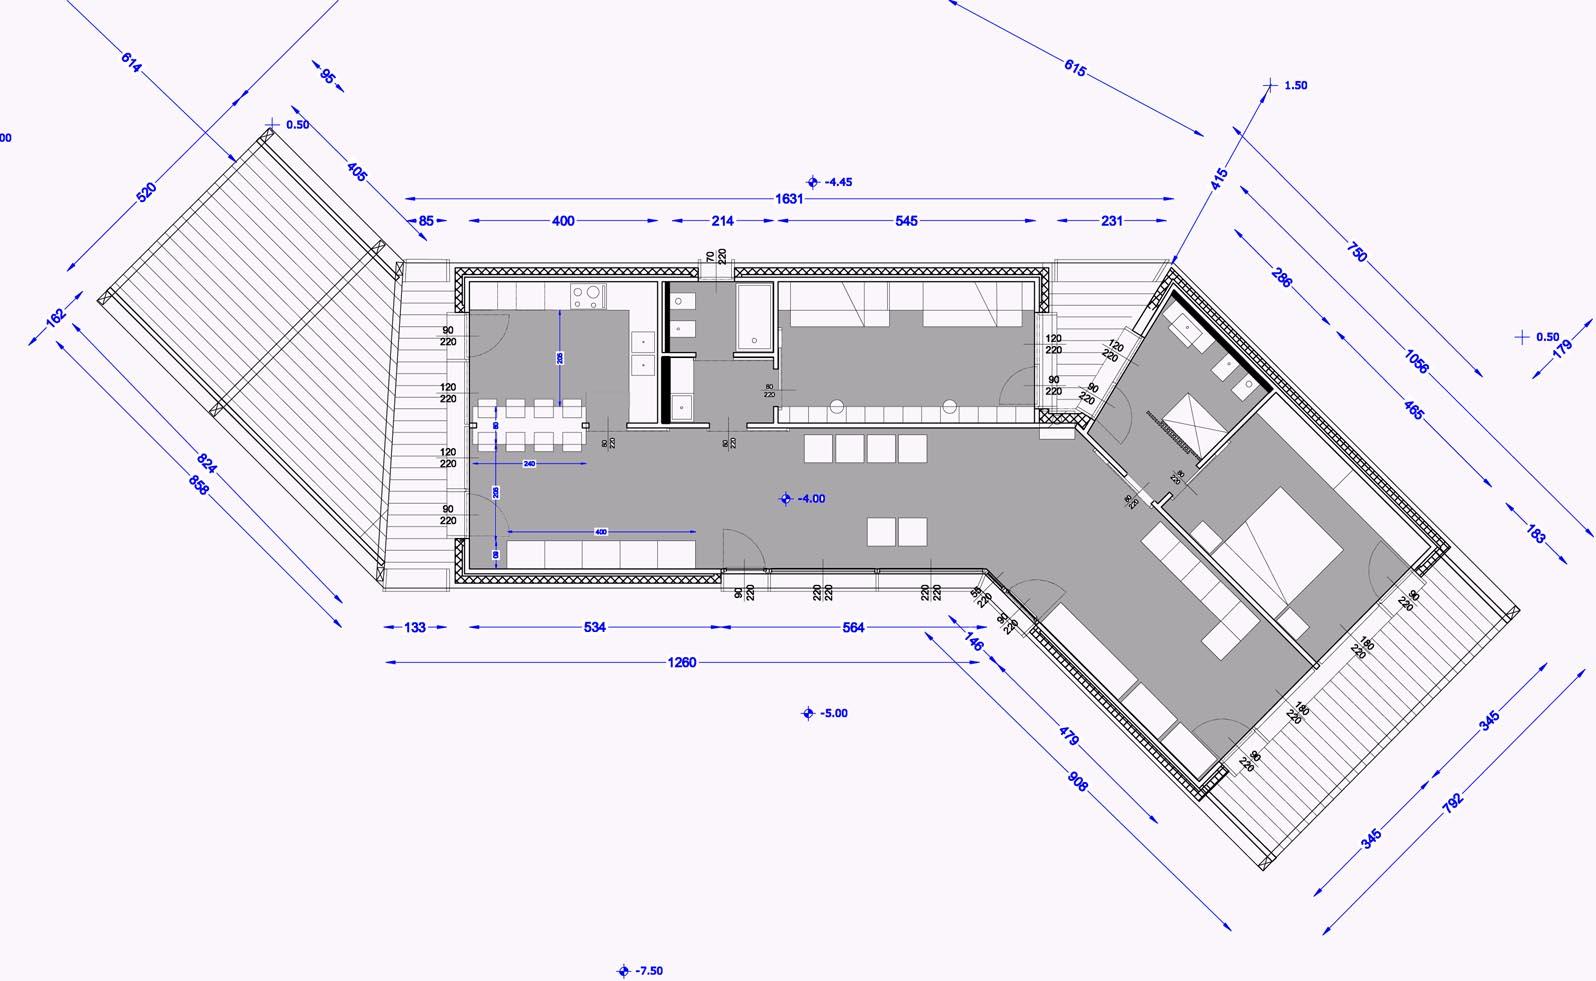 casa passiva lineare xlam  Studio di Architettura a Verona Case Passive in Legno e